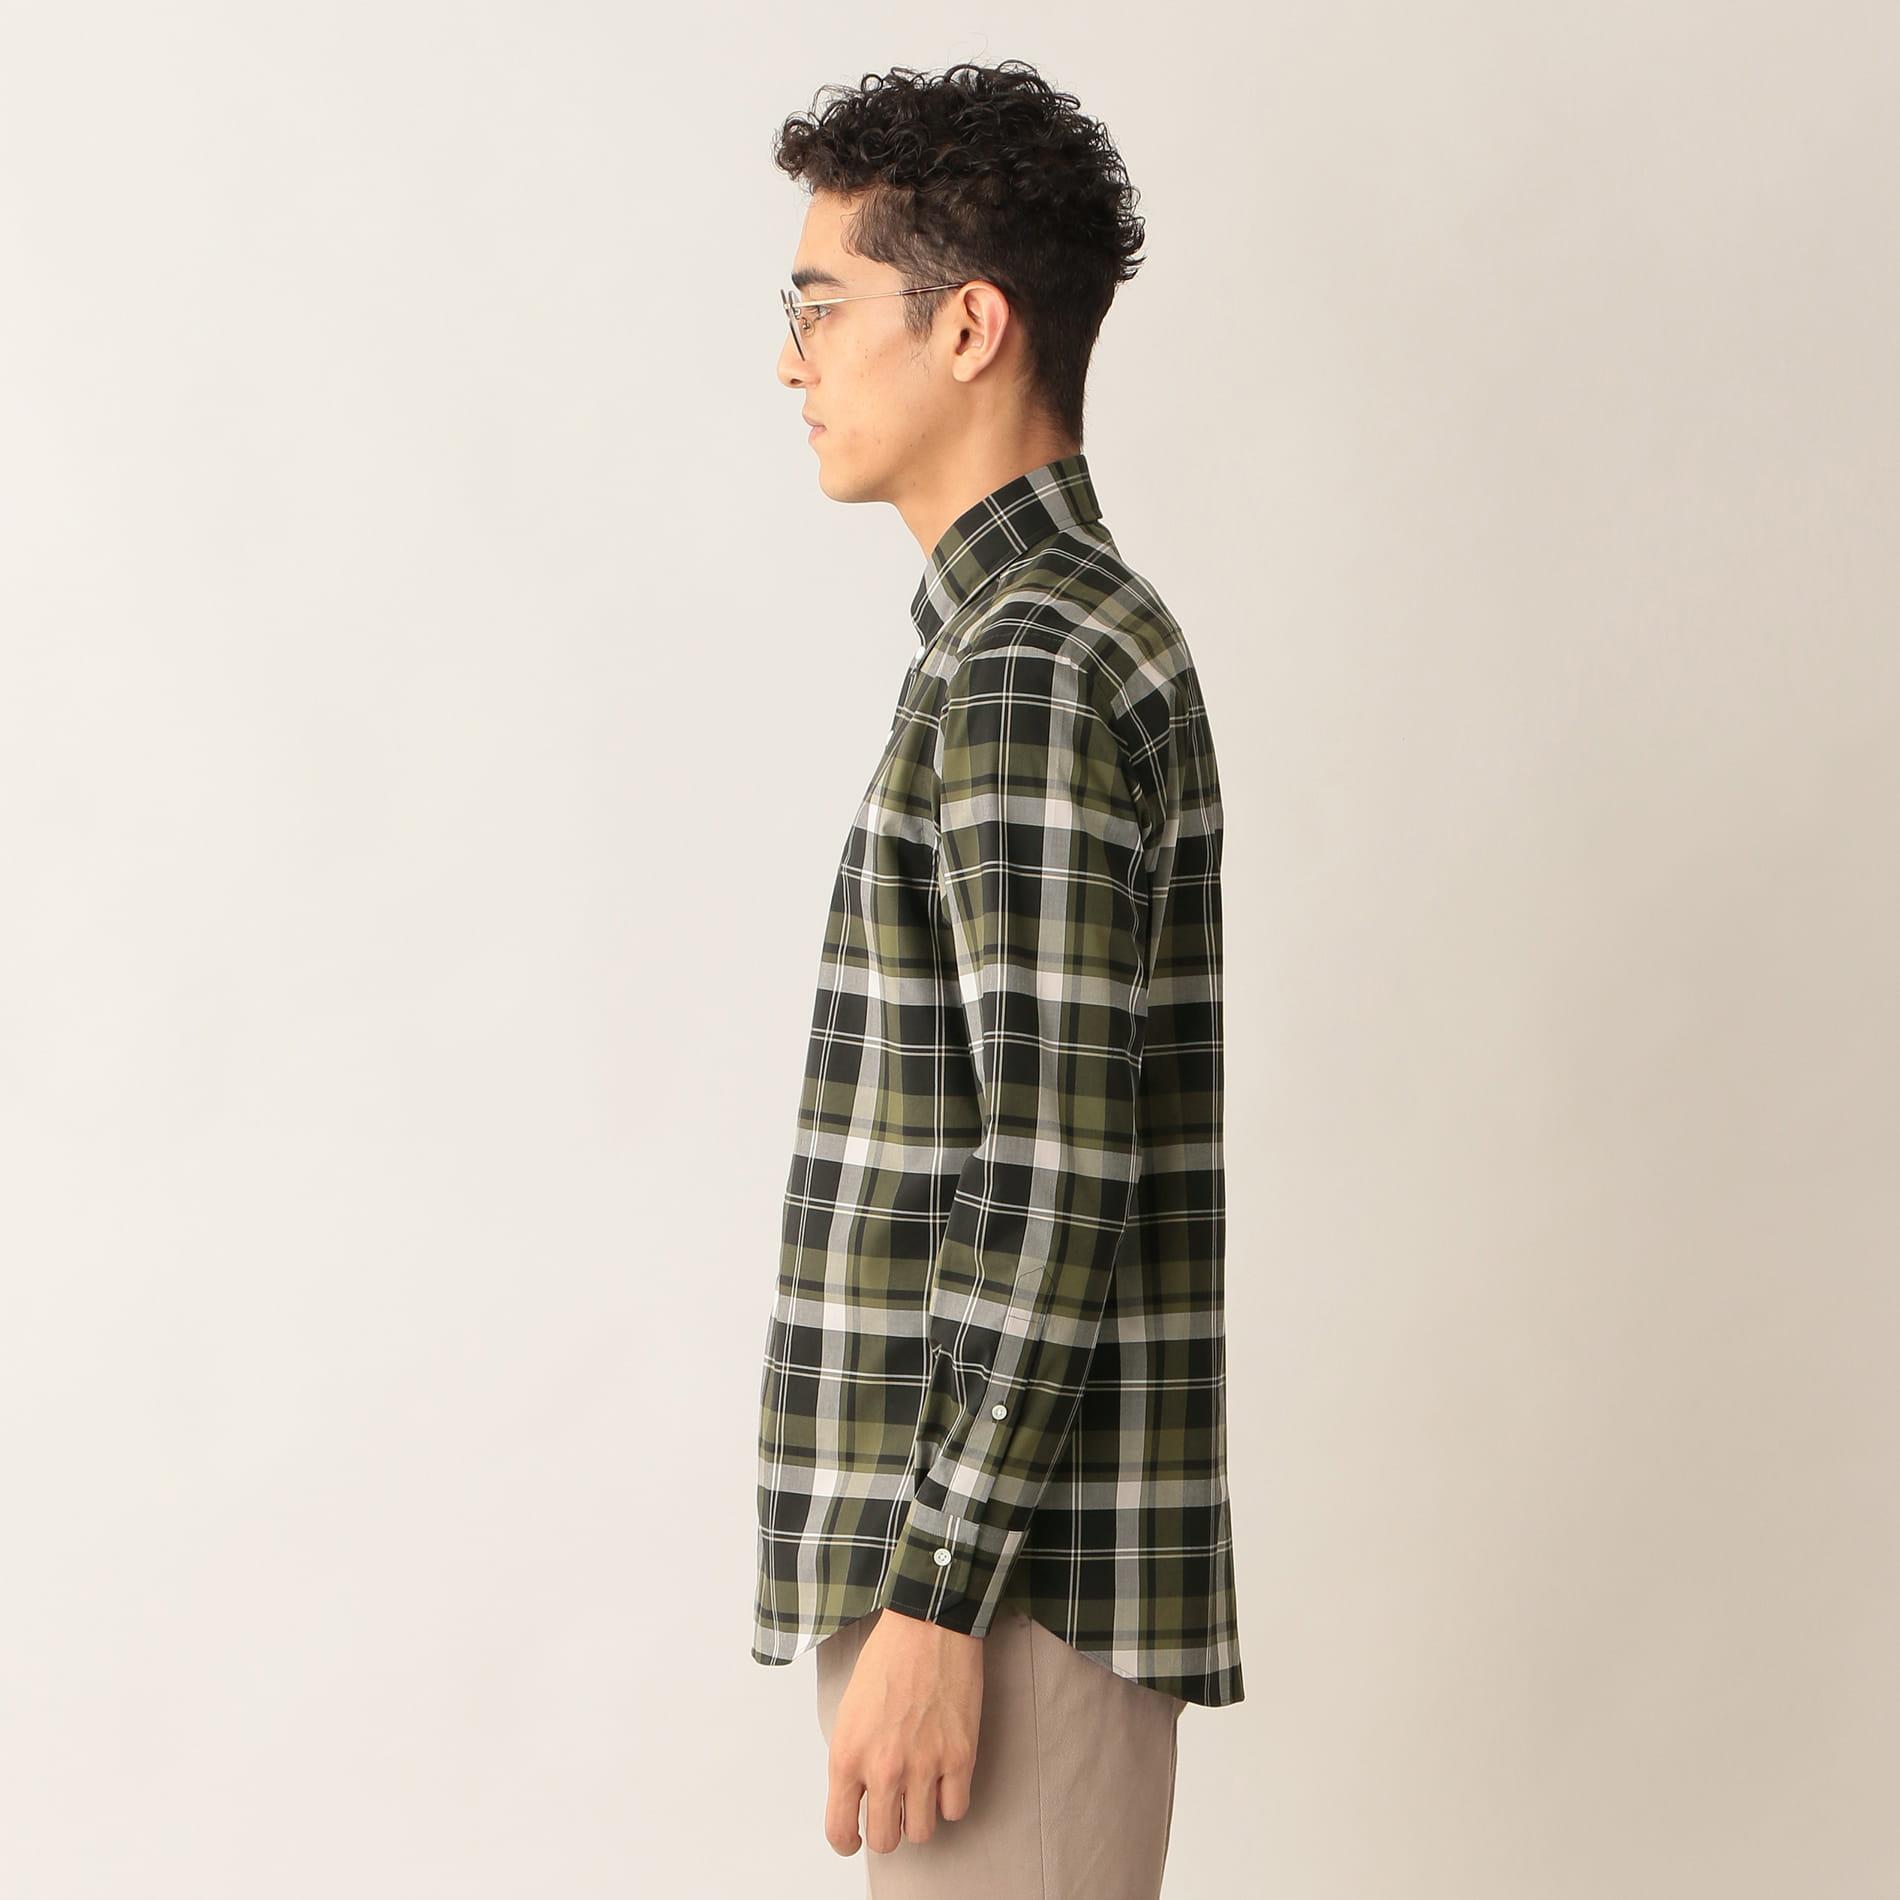 タータンチェックシャツ